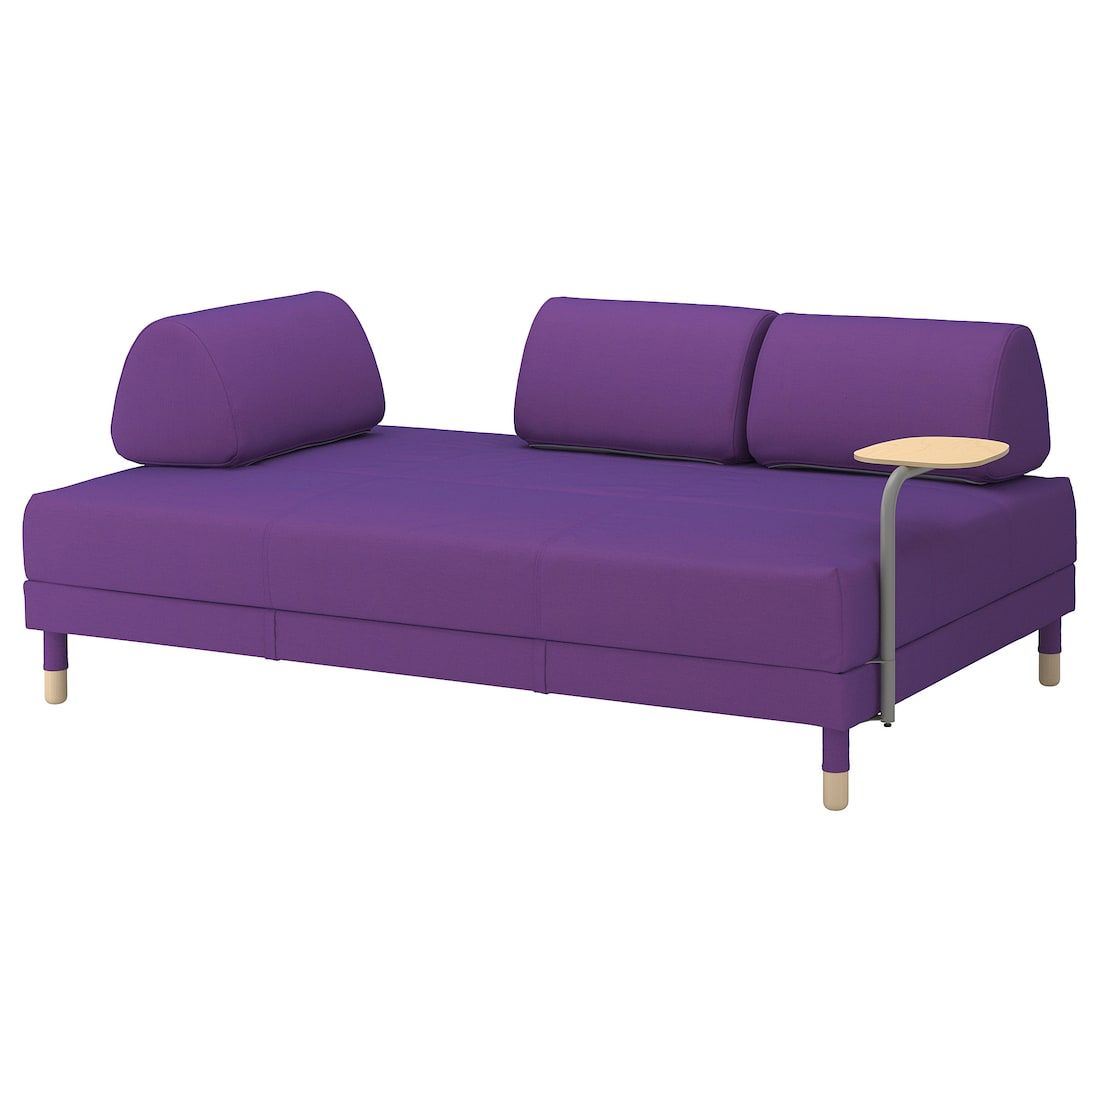 Ikea Flottebo Vissle Purple Sleeper Sofa With Side Table Sleeper Sofa Ikea Sofa Ikea Armchair